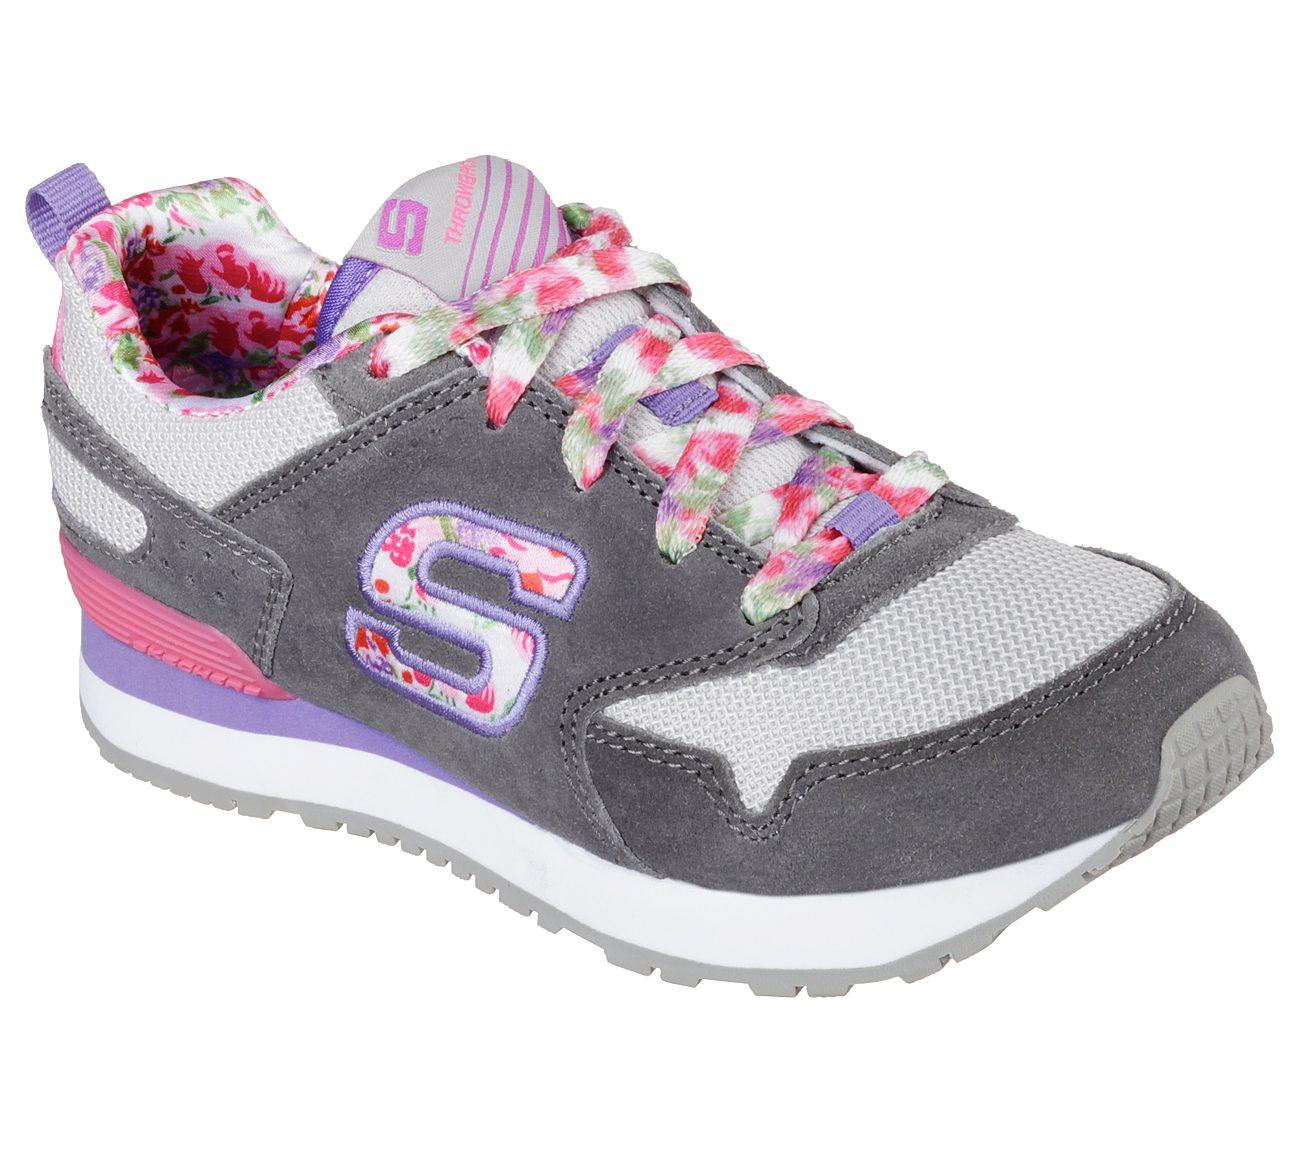 5a10fd21d52b Buy SKECHERS Retrospect - Floral Fancies Sport Shoes only  52.00